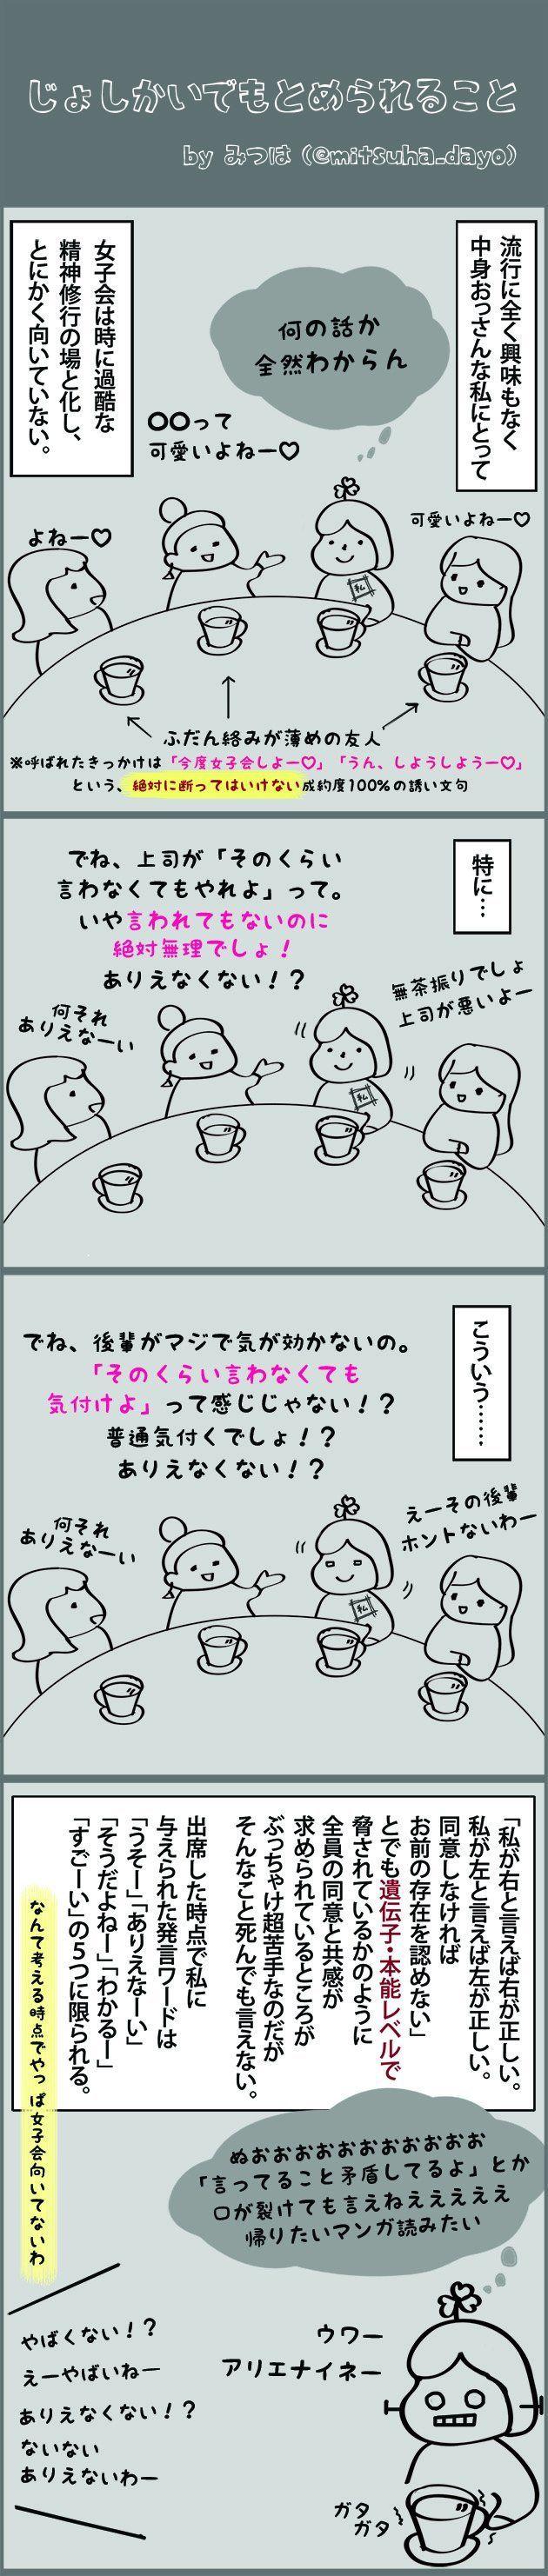 【4コマ】女子会に向いてない系女子